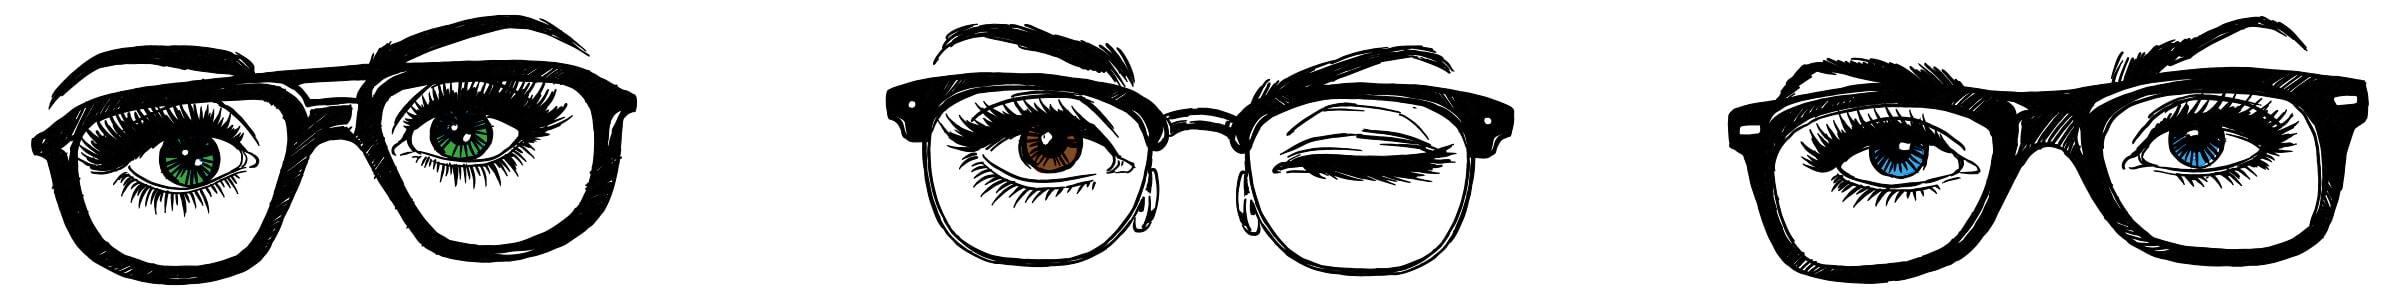 Augen_2400x300